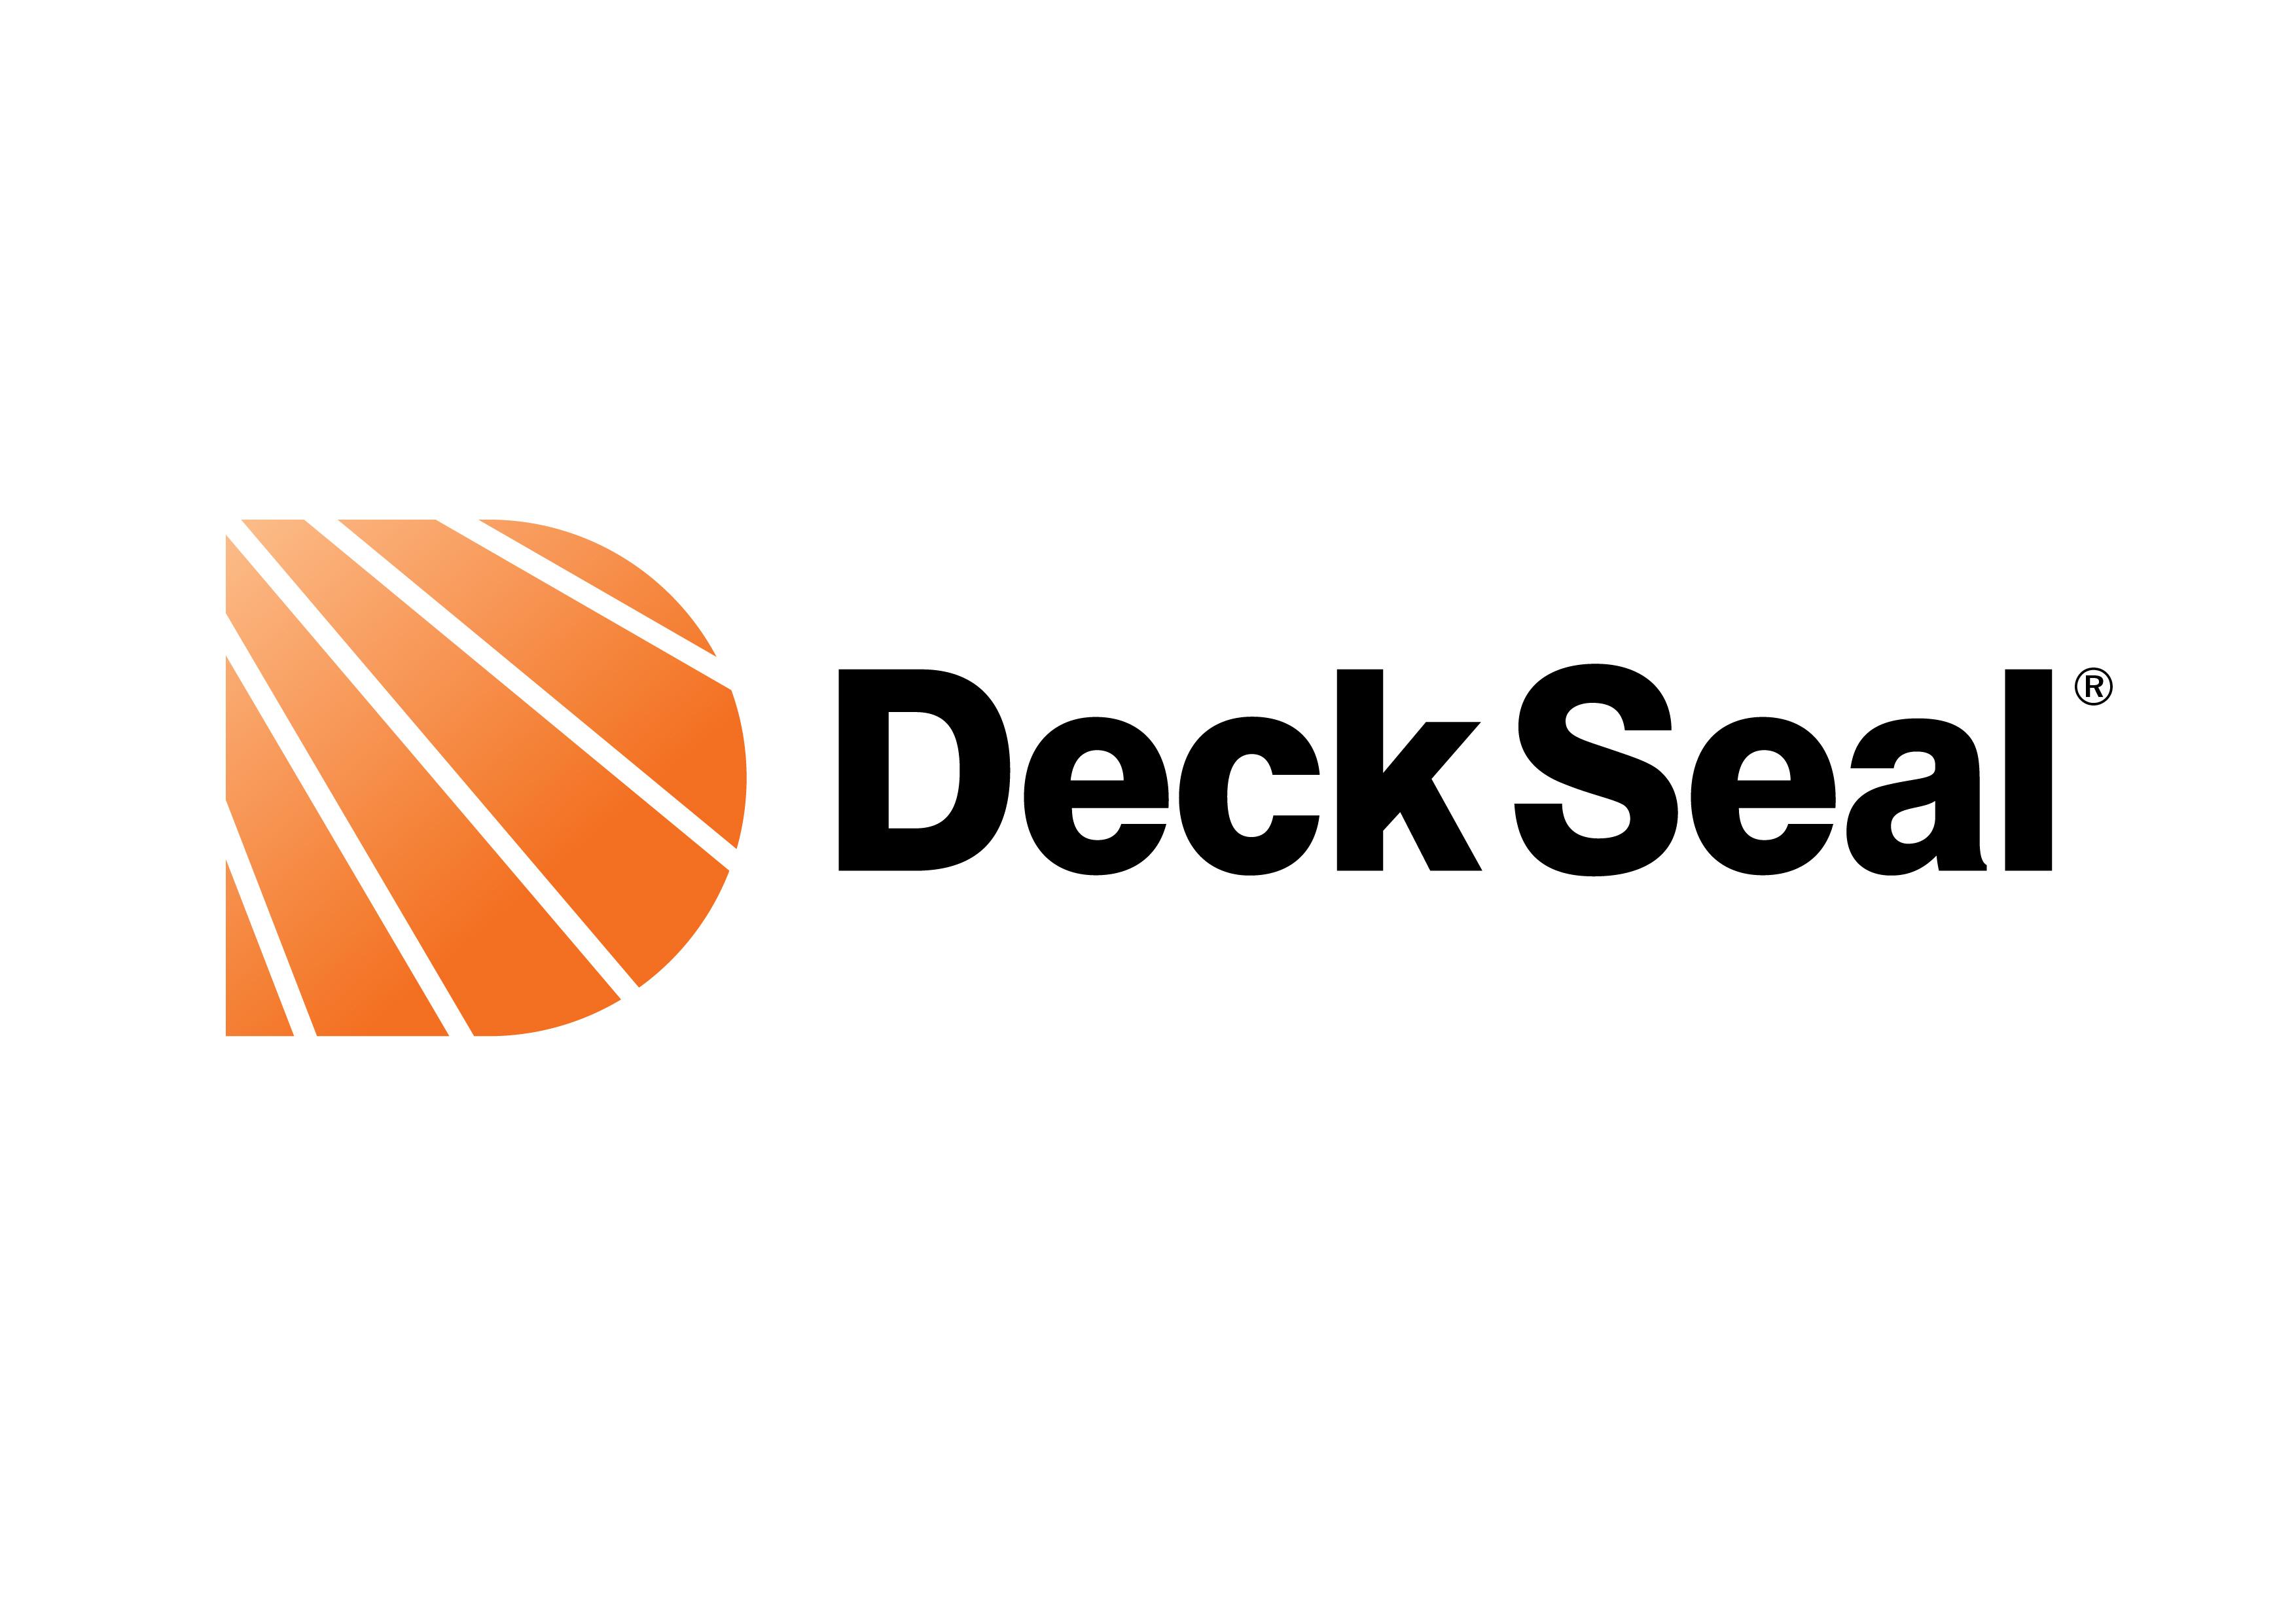 deckseal-franchise-deck-timber-restoration-preservation-western-zone-1-9